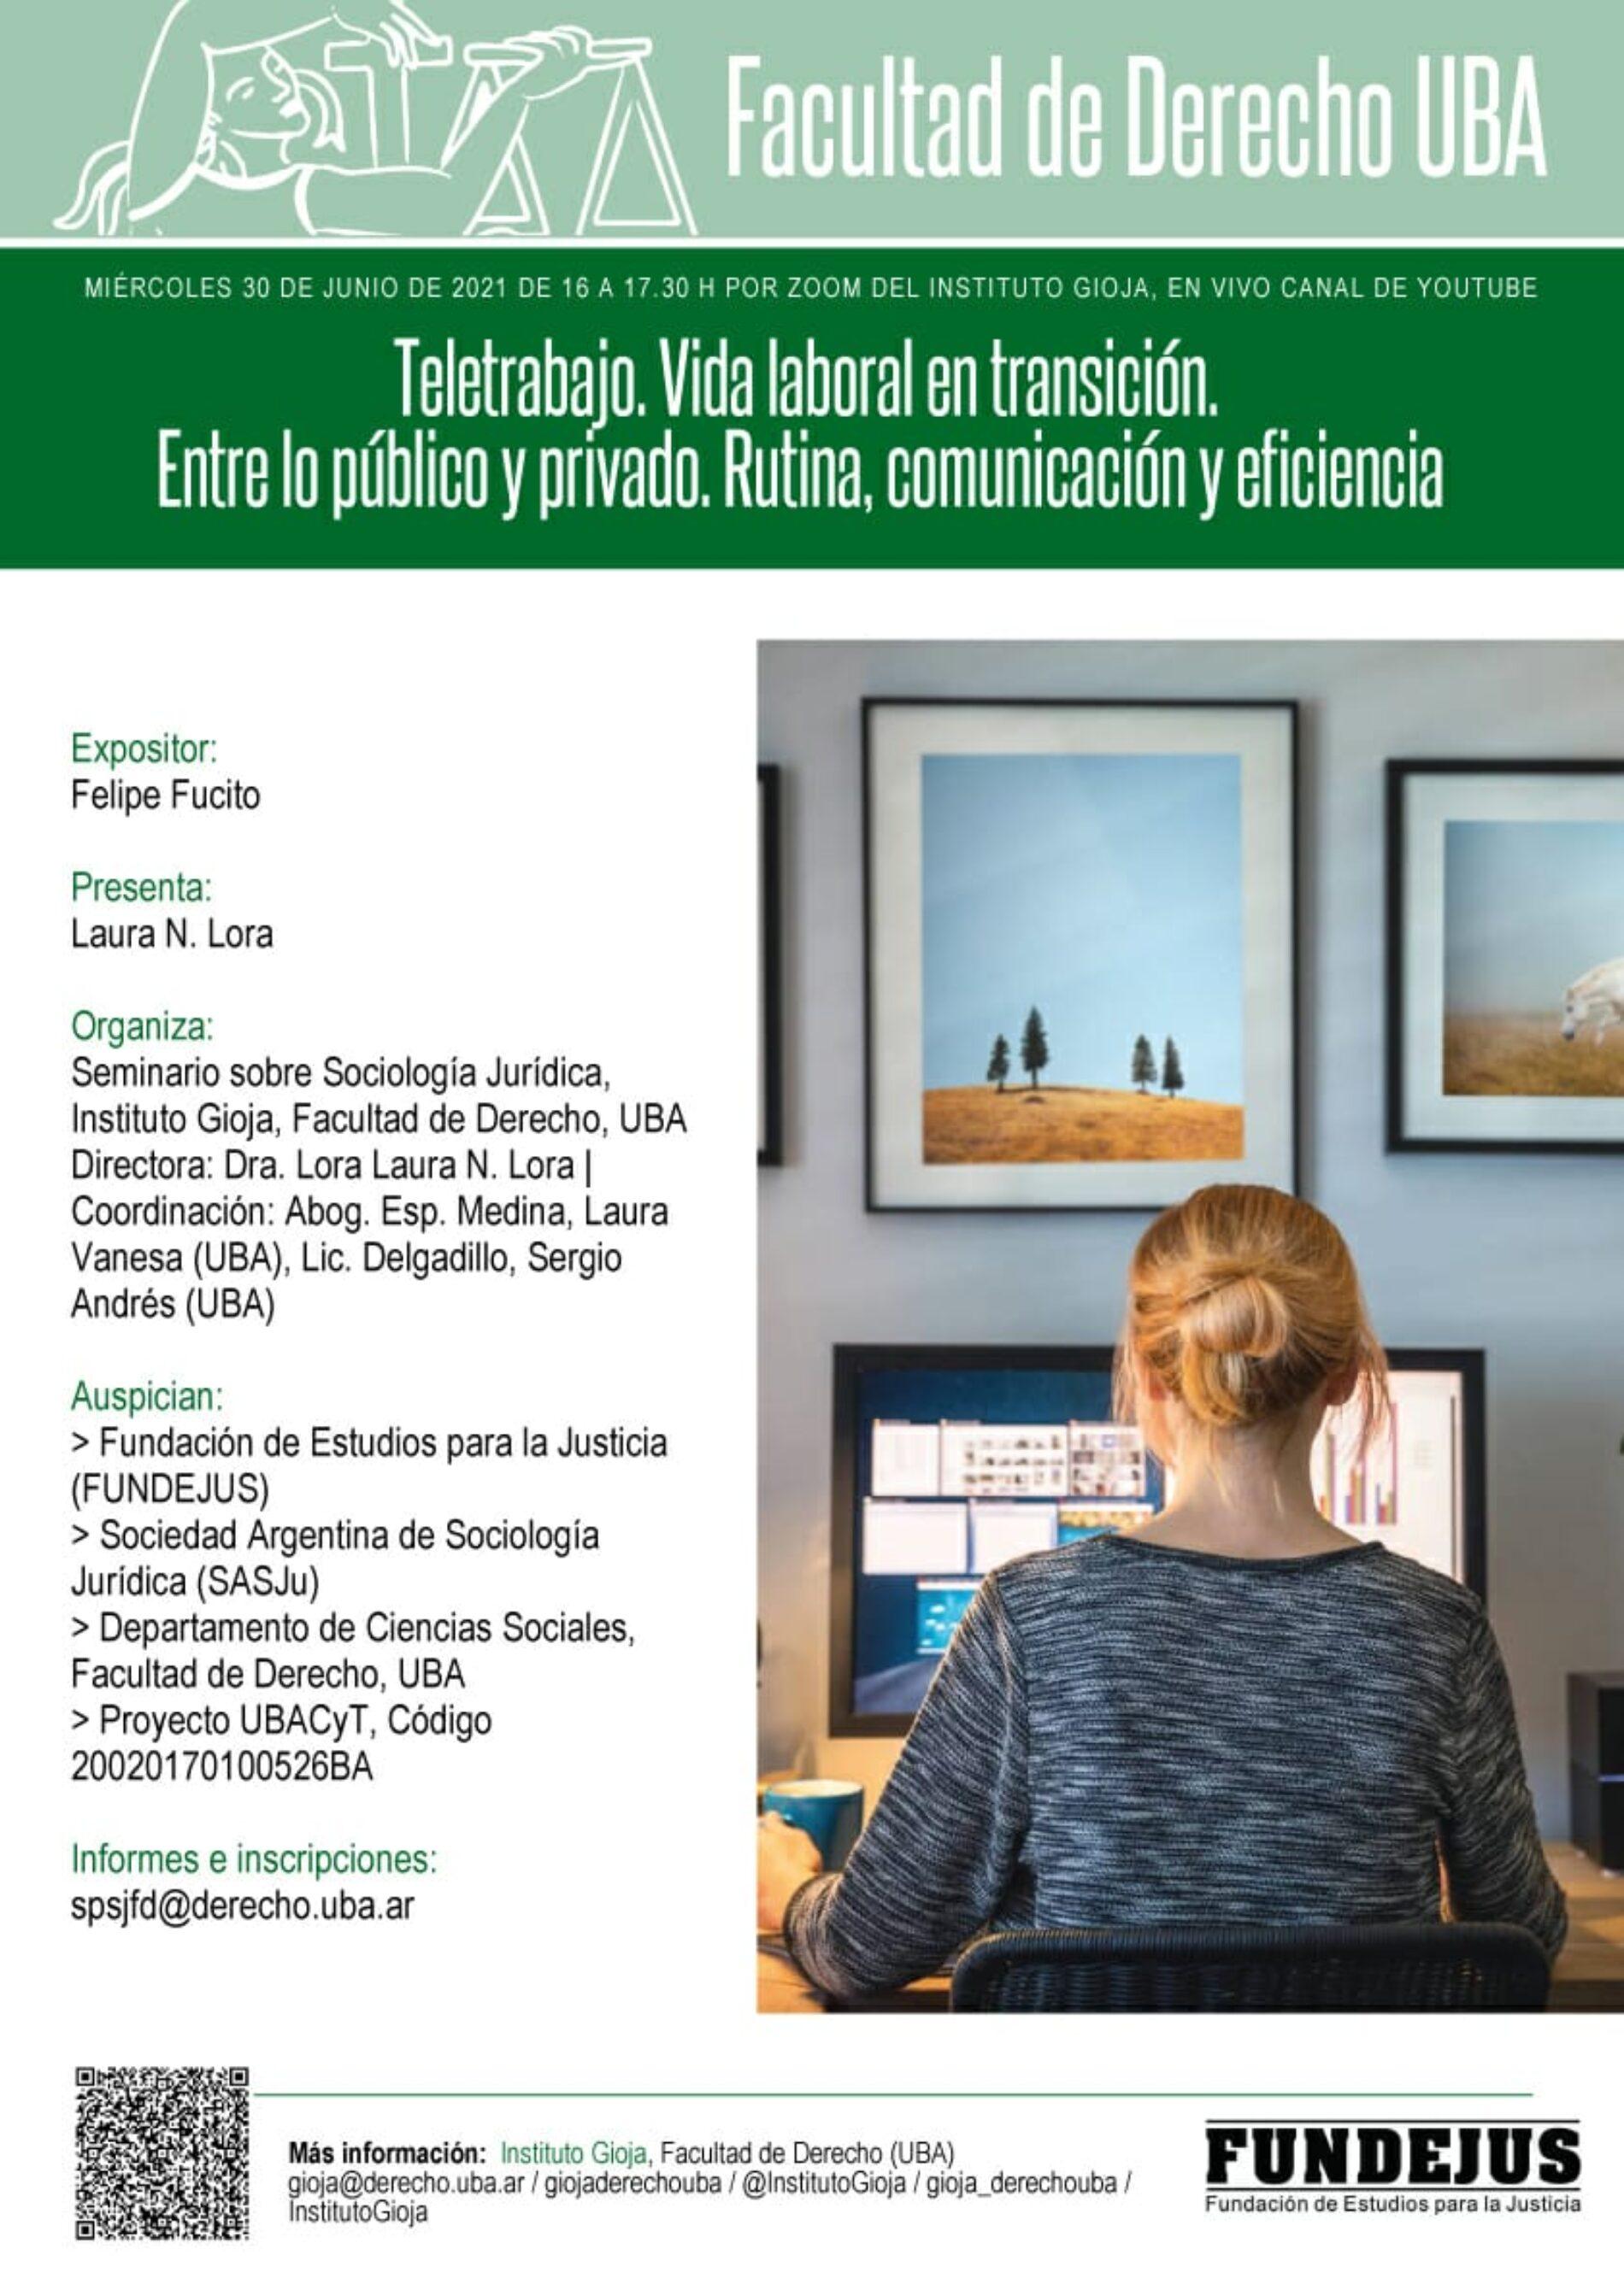 «Teletrabajo. Vida laboral en transición. Entre lo público y privado. Rutina, comunicación y eficiencia» Organiza: Facultad de Derecho -UBA-